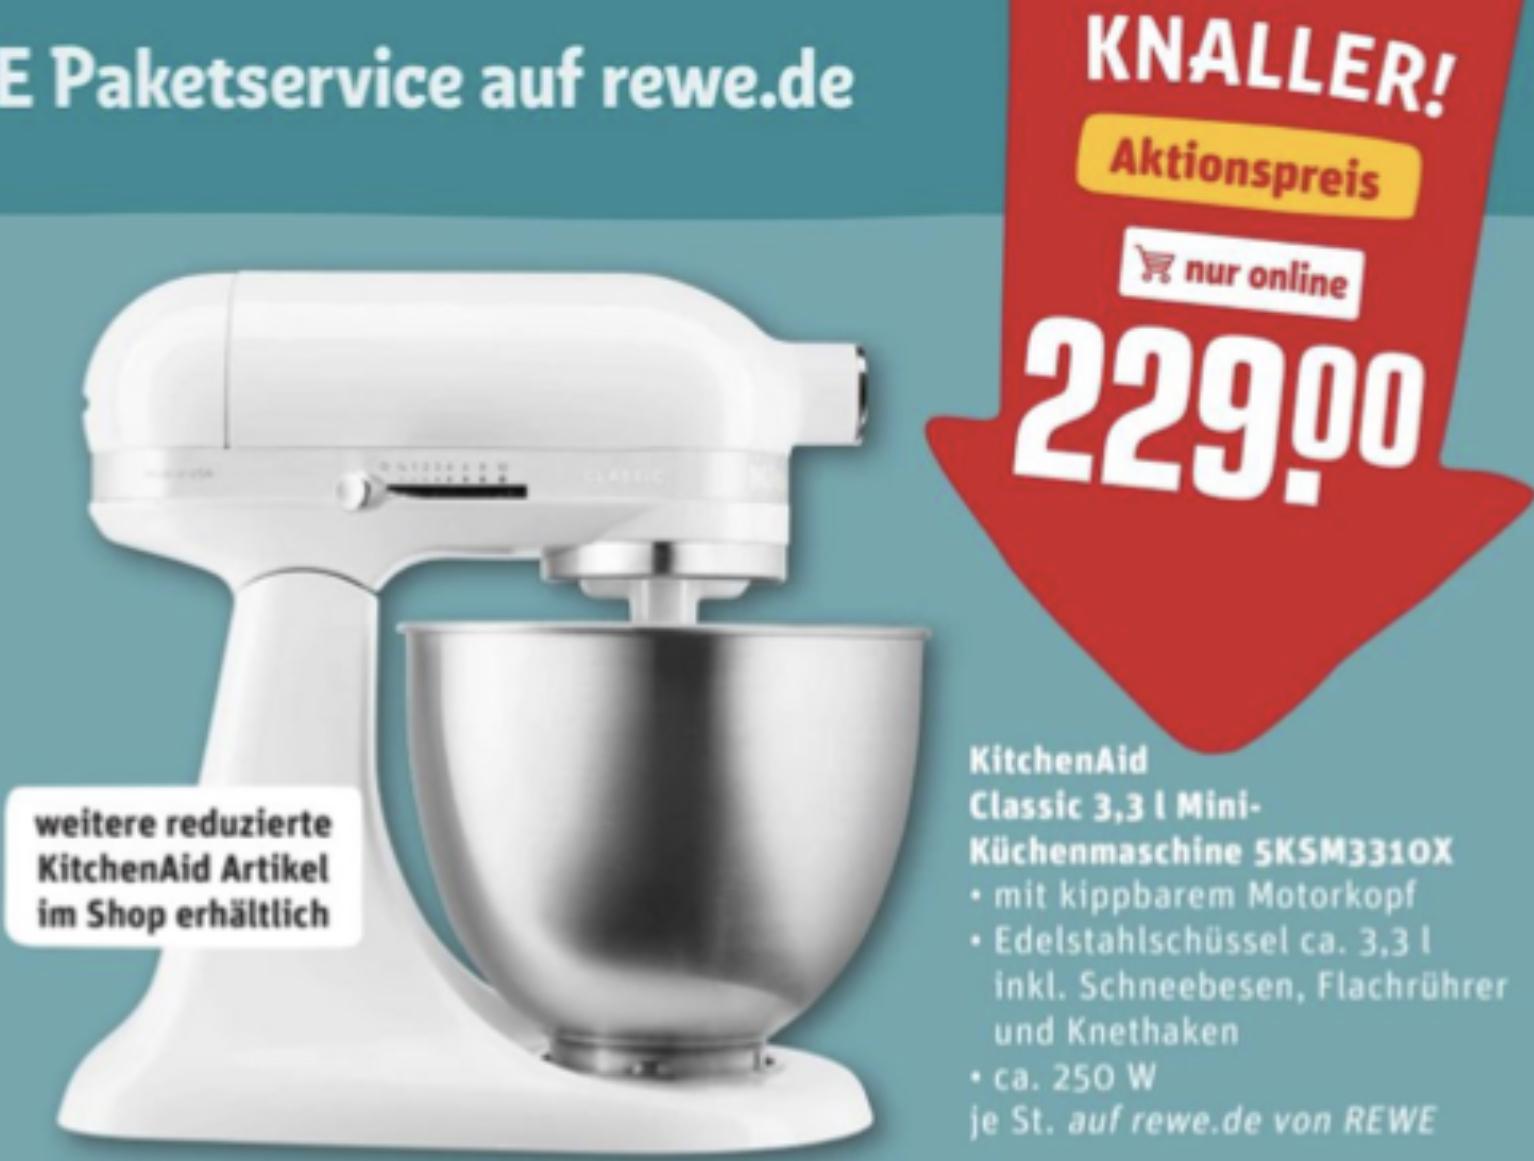 KitchenAid Classic Mini 5KSM3310X 3,3 Liter Küchenmaschine für 233,95€ inkl. Versandkosten